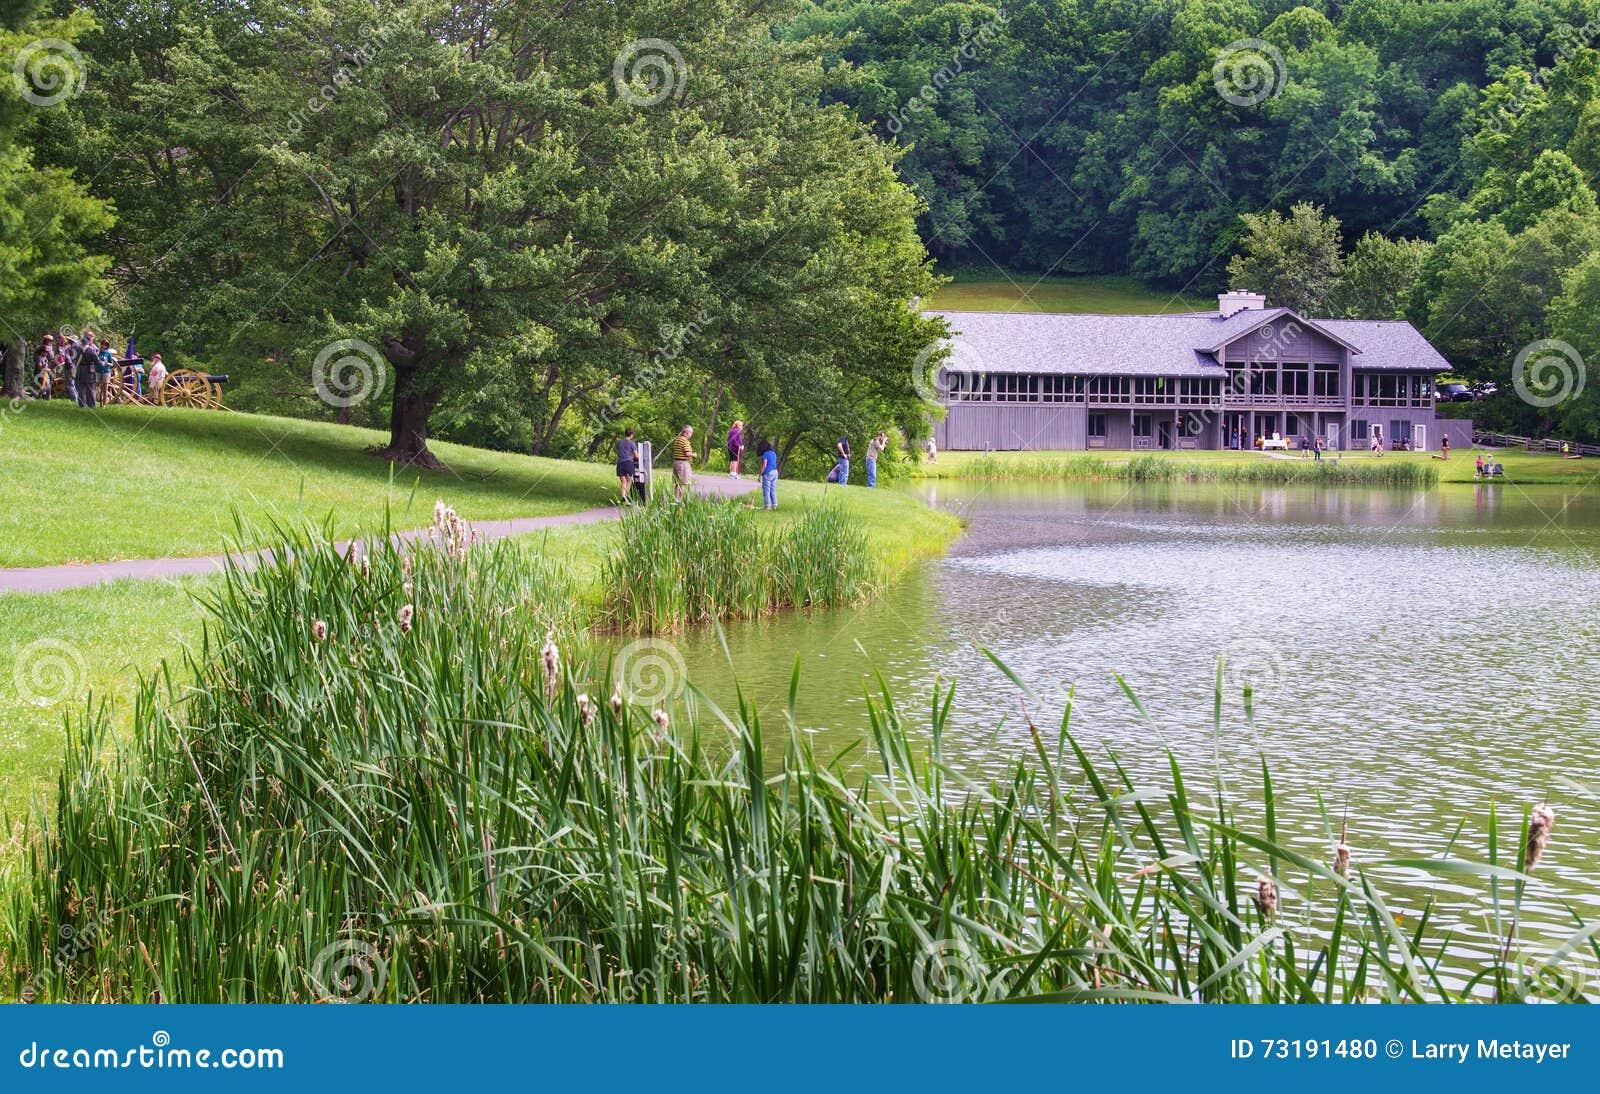 Peaks Of Otter Lodge – Blue Ridge Parkway, Virginia, USA Editorial